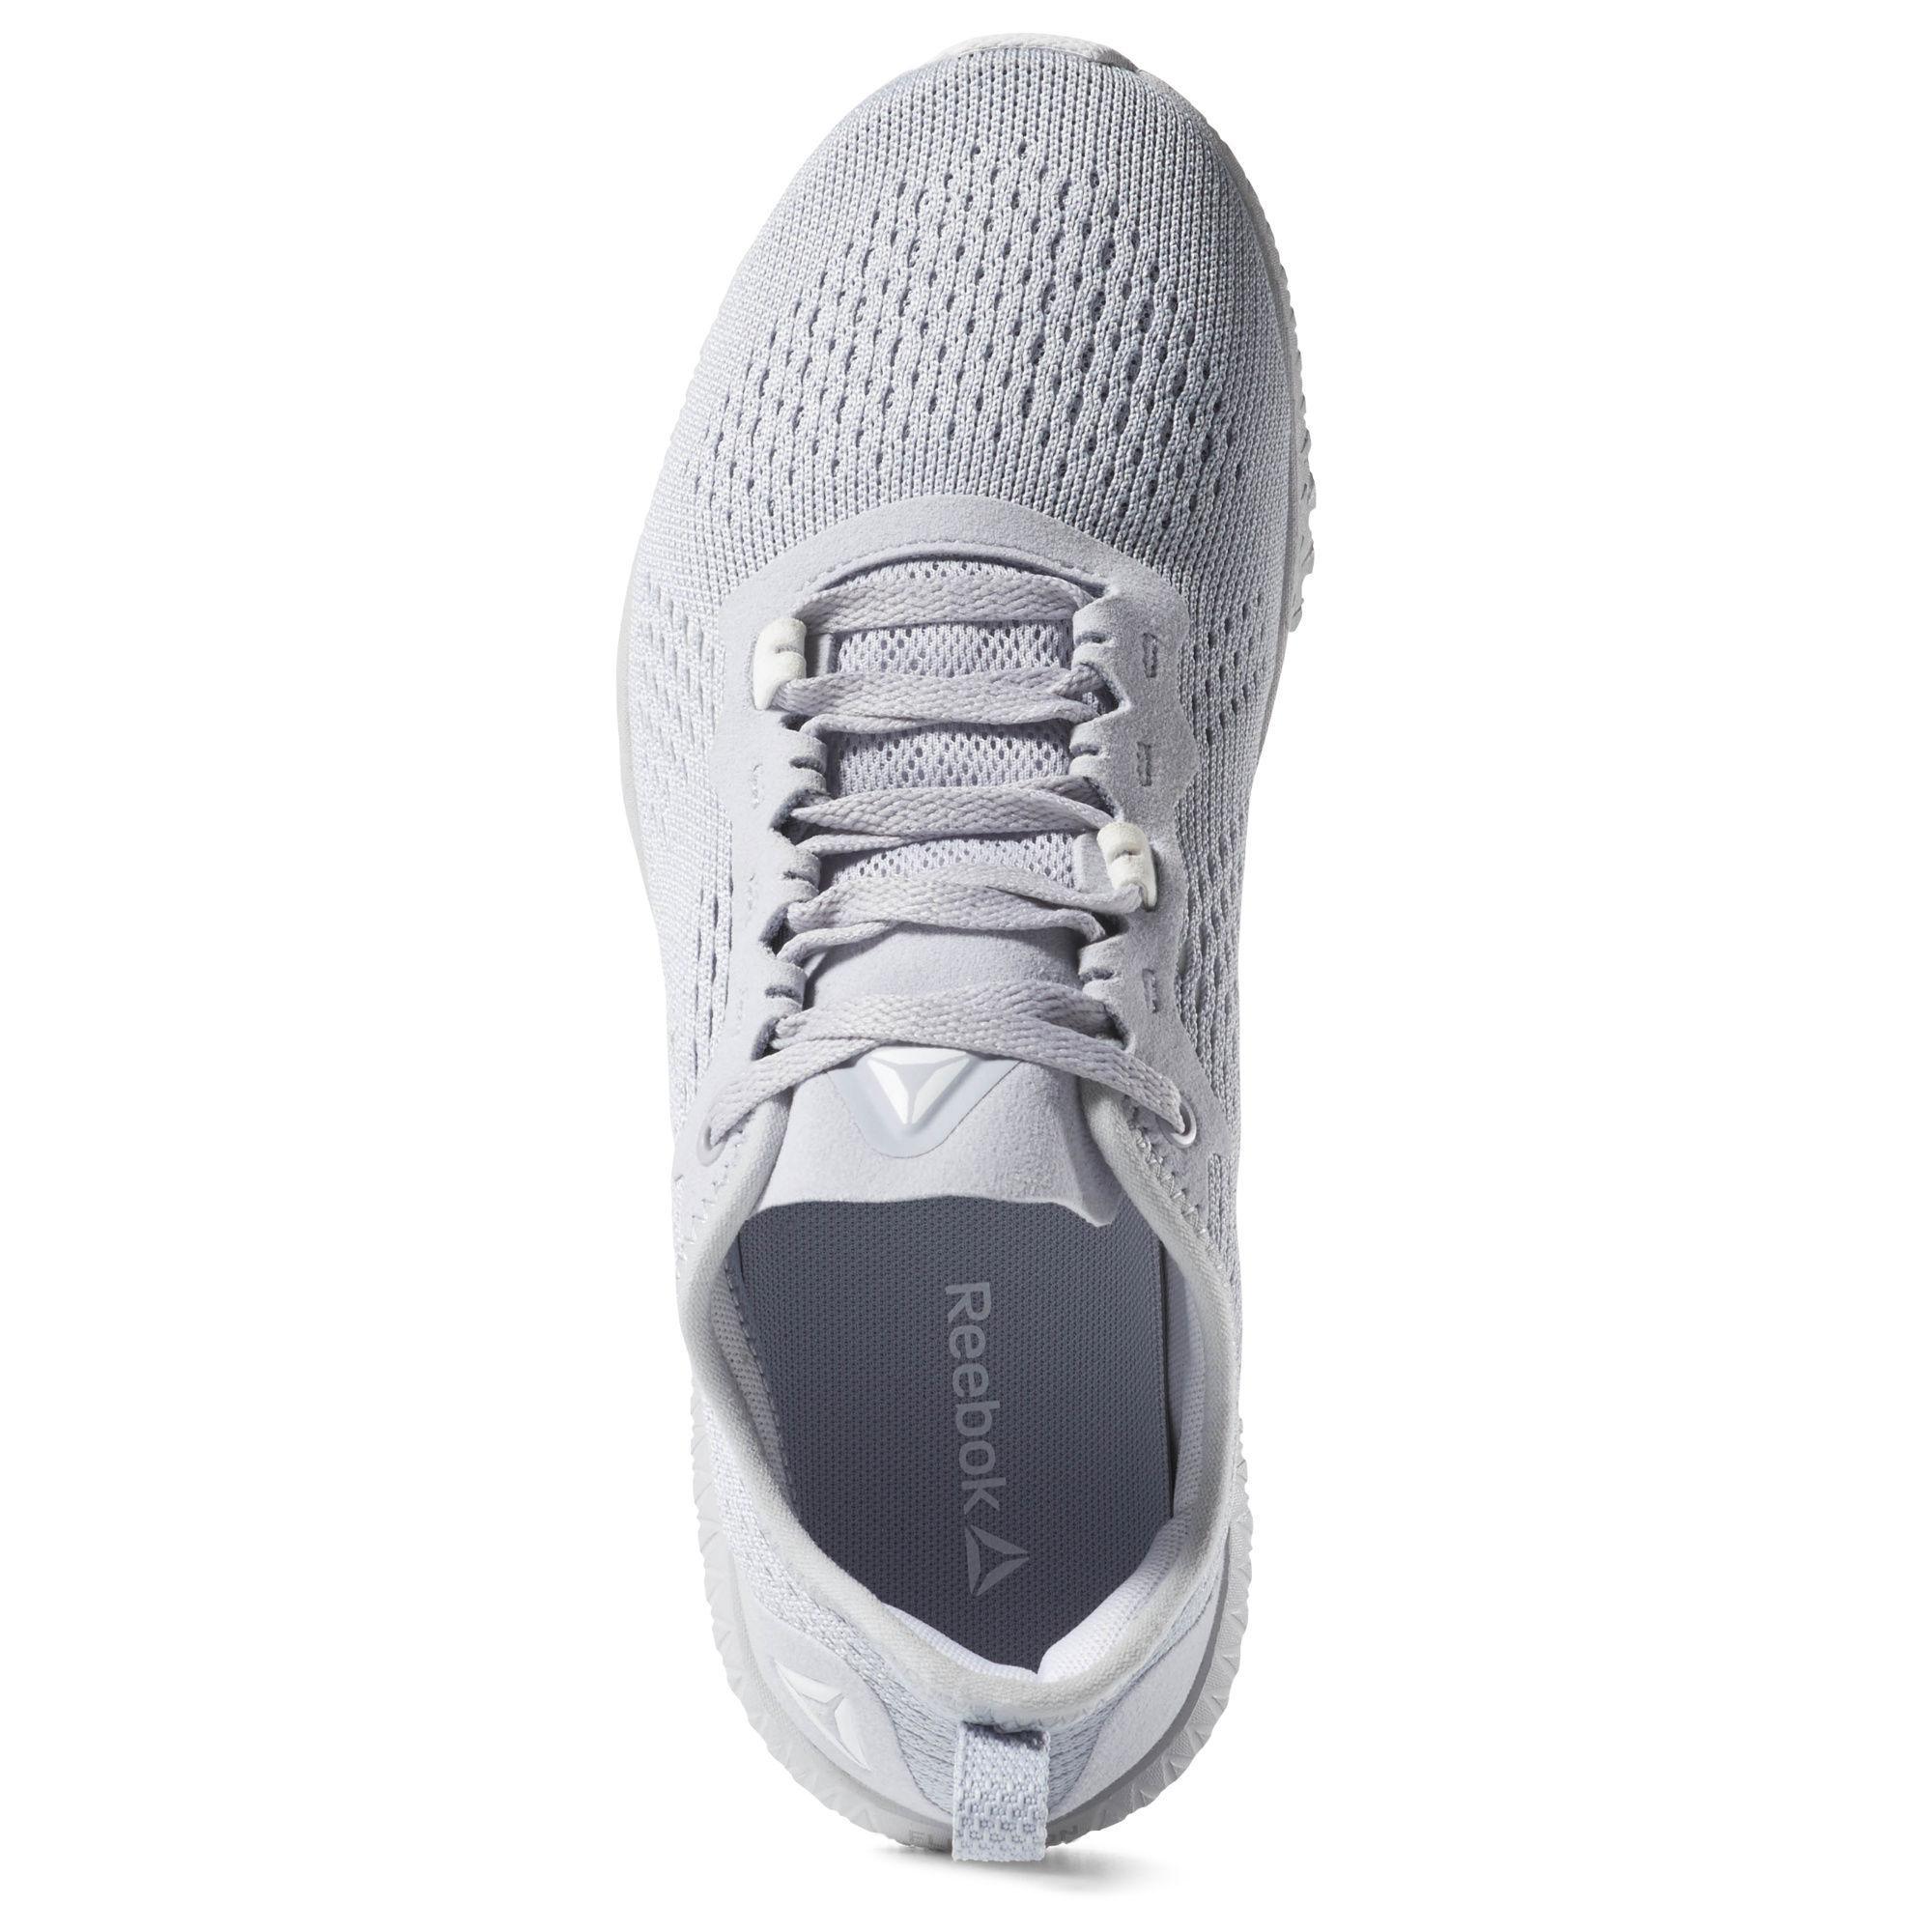 Reebok Fitnessschuhe Damen Cold grau Weiß Weiß Weiß im Online Shop von SportScheck kaufen Gute Qualität beliebte Schuhe 66b7b4